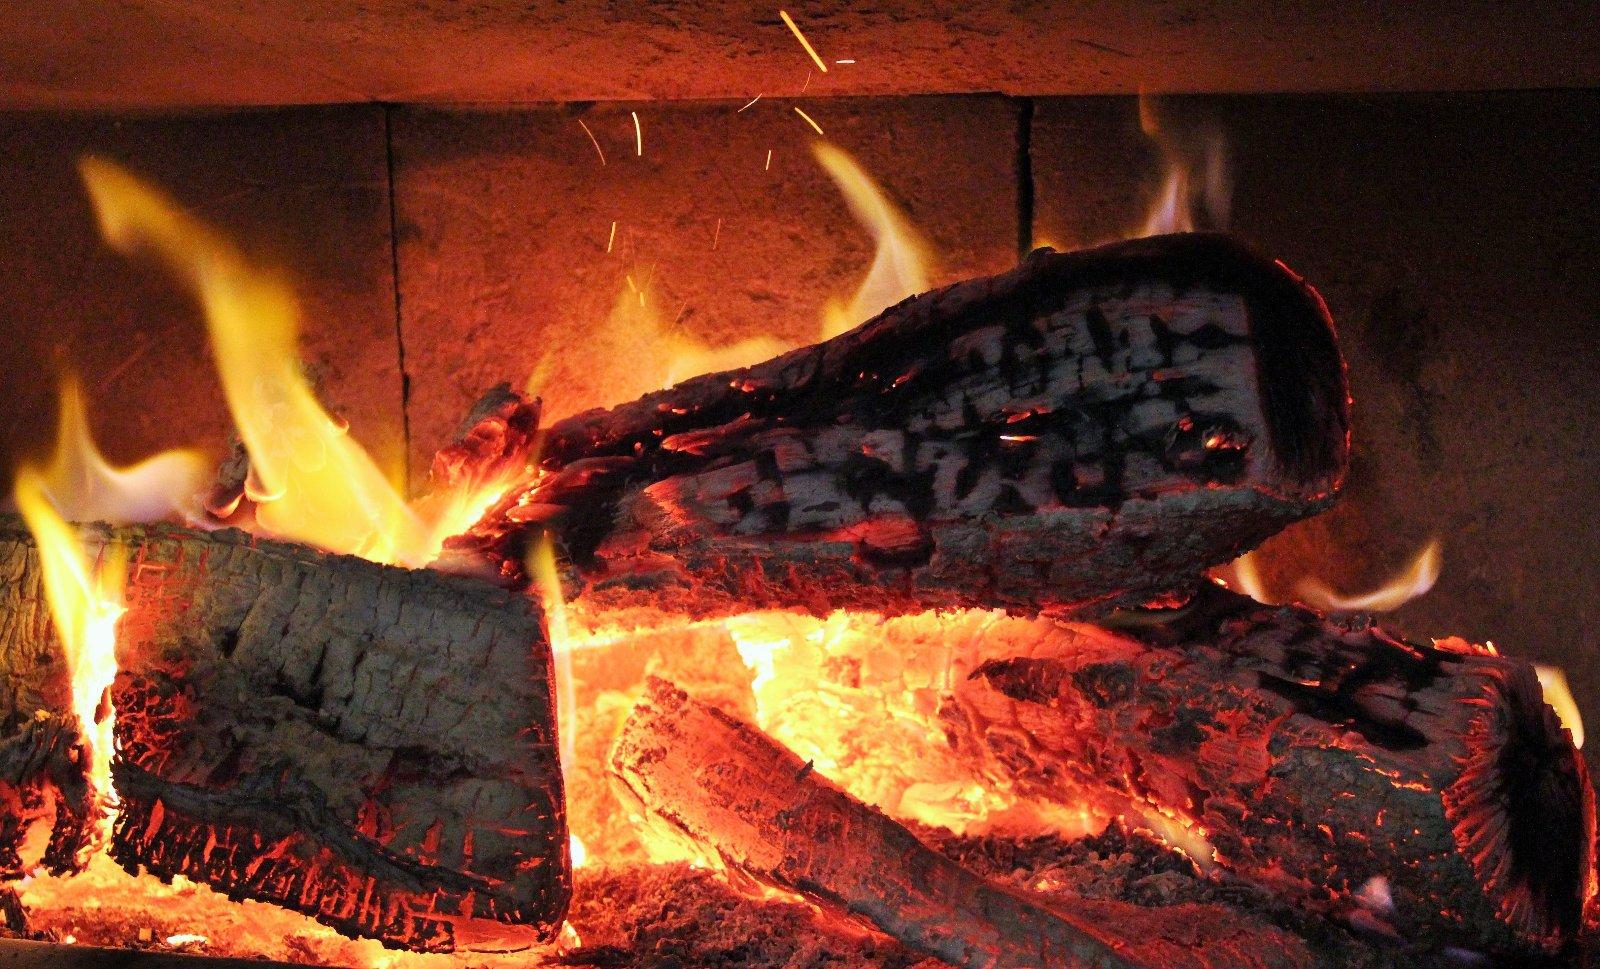 пламя печи, фото Стасмир, photo Stasmir